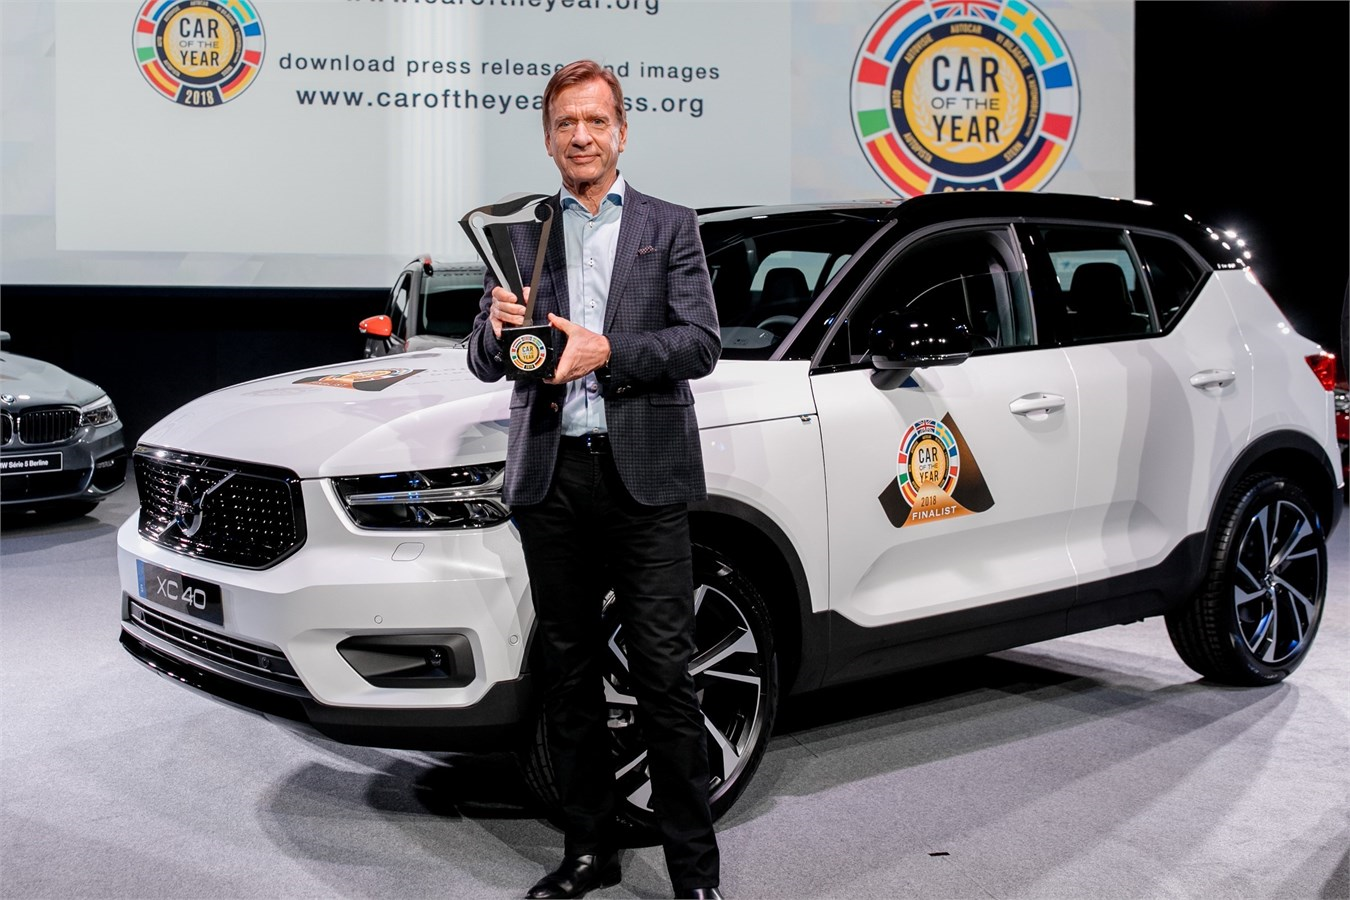 O presidente e CEO da Volvo, Håkan Samuelsson, em frente ao XC40 premiado volvo xc40 carro do ano